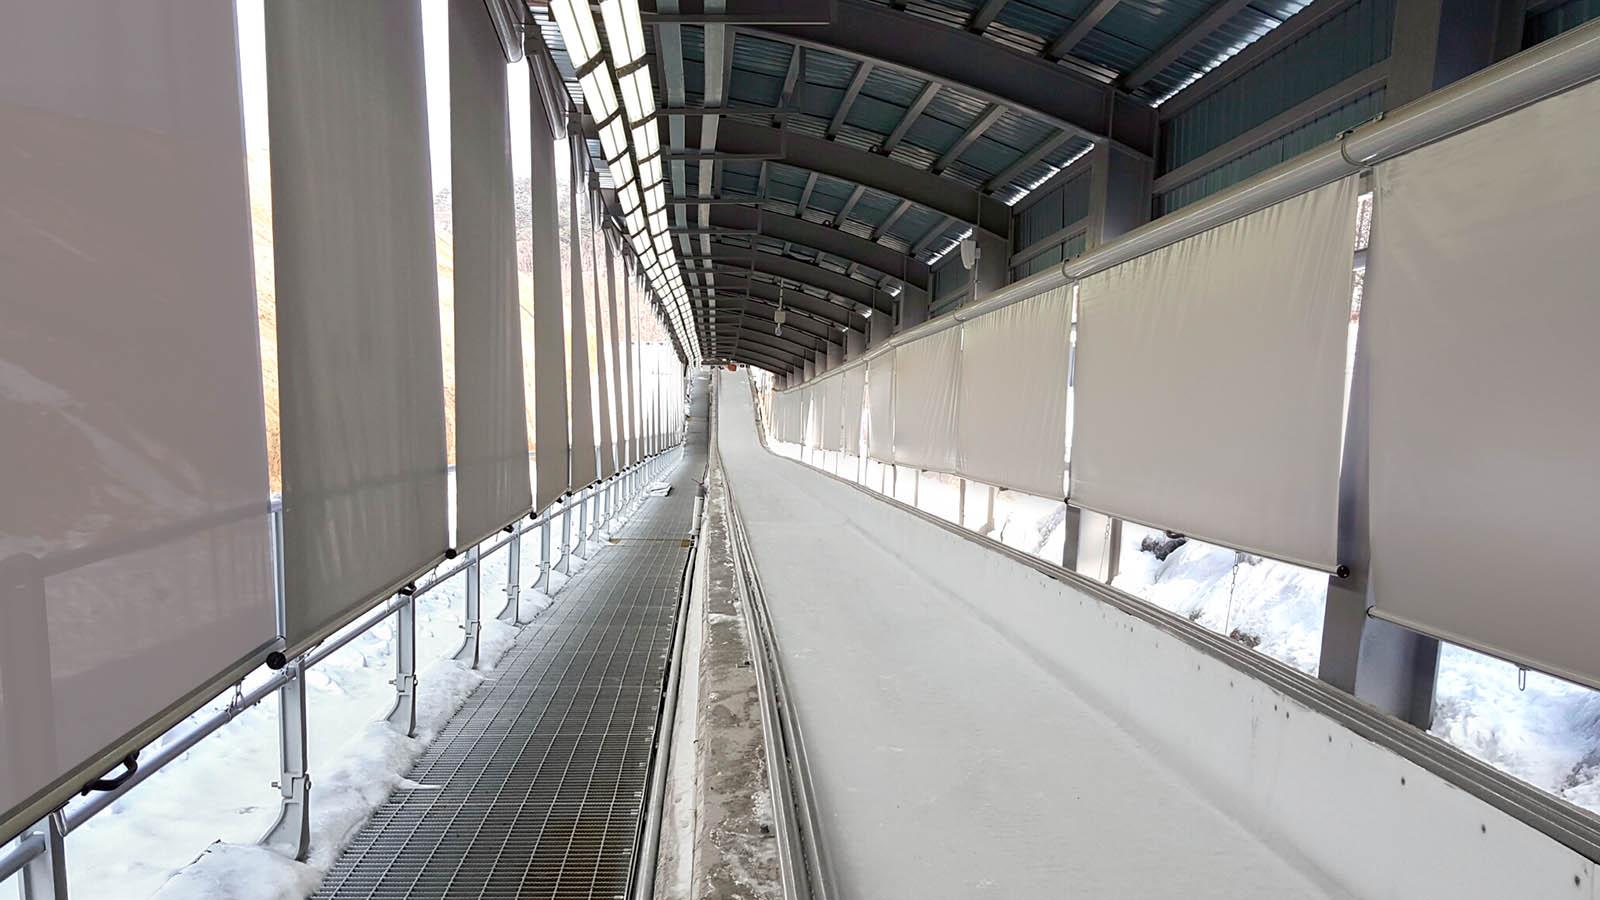 vista intewrna di un rettilineo della pista da Bob in Alpensia Pyeonchang